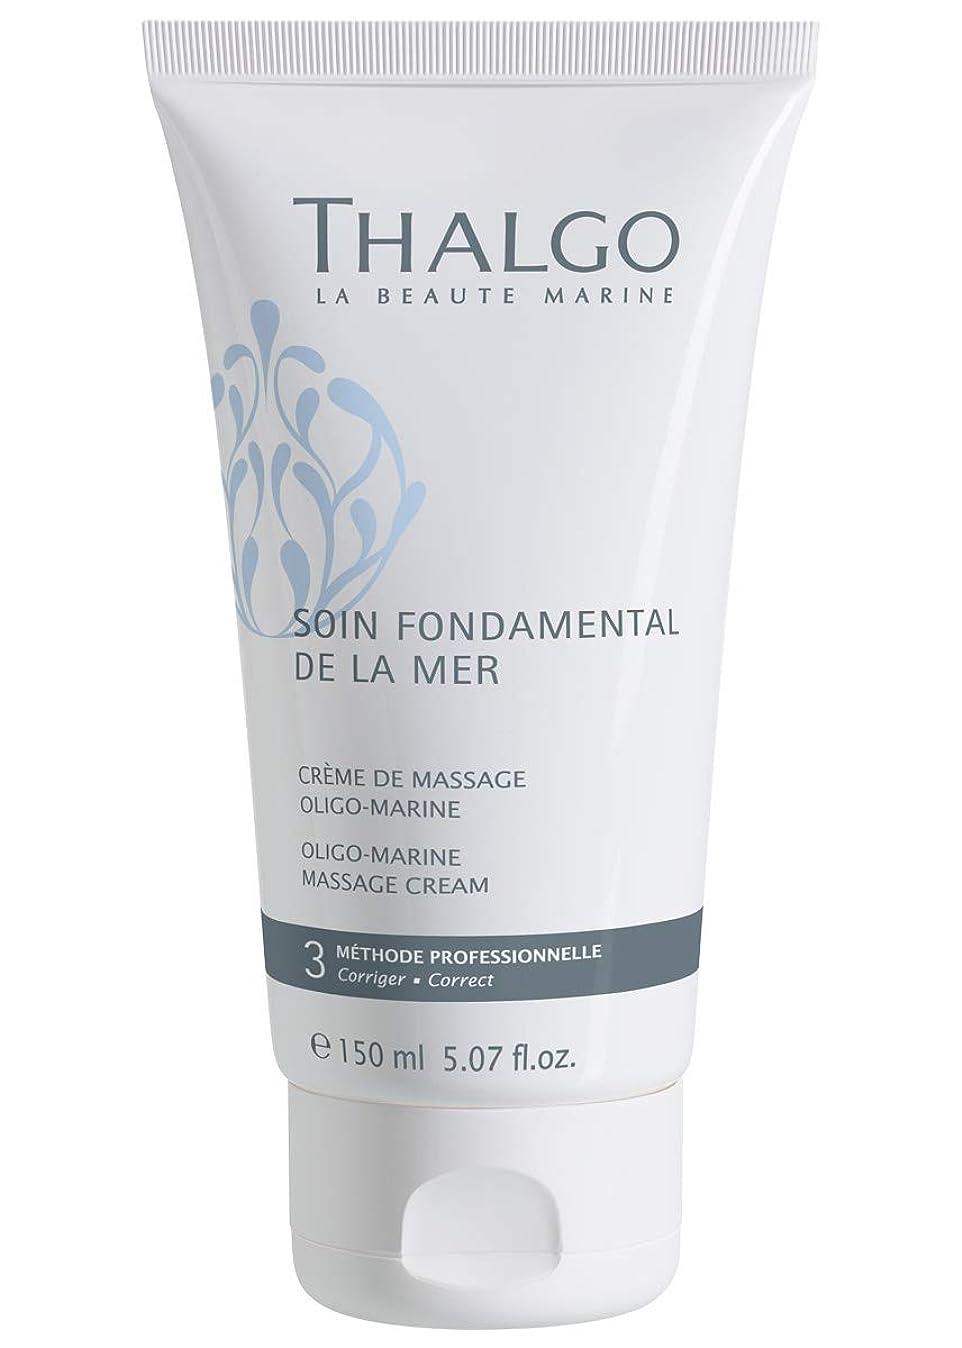 確率明確な対象タルゴ Soin Fondamental De La Mer Oligo-Marine Massage Cream (Salon Product) 150ml/5.07oz並行輸入品